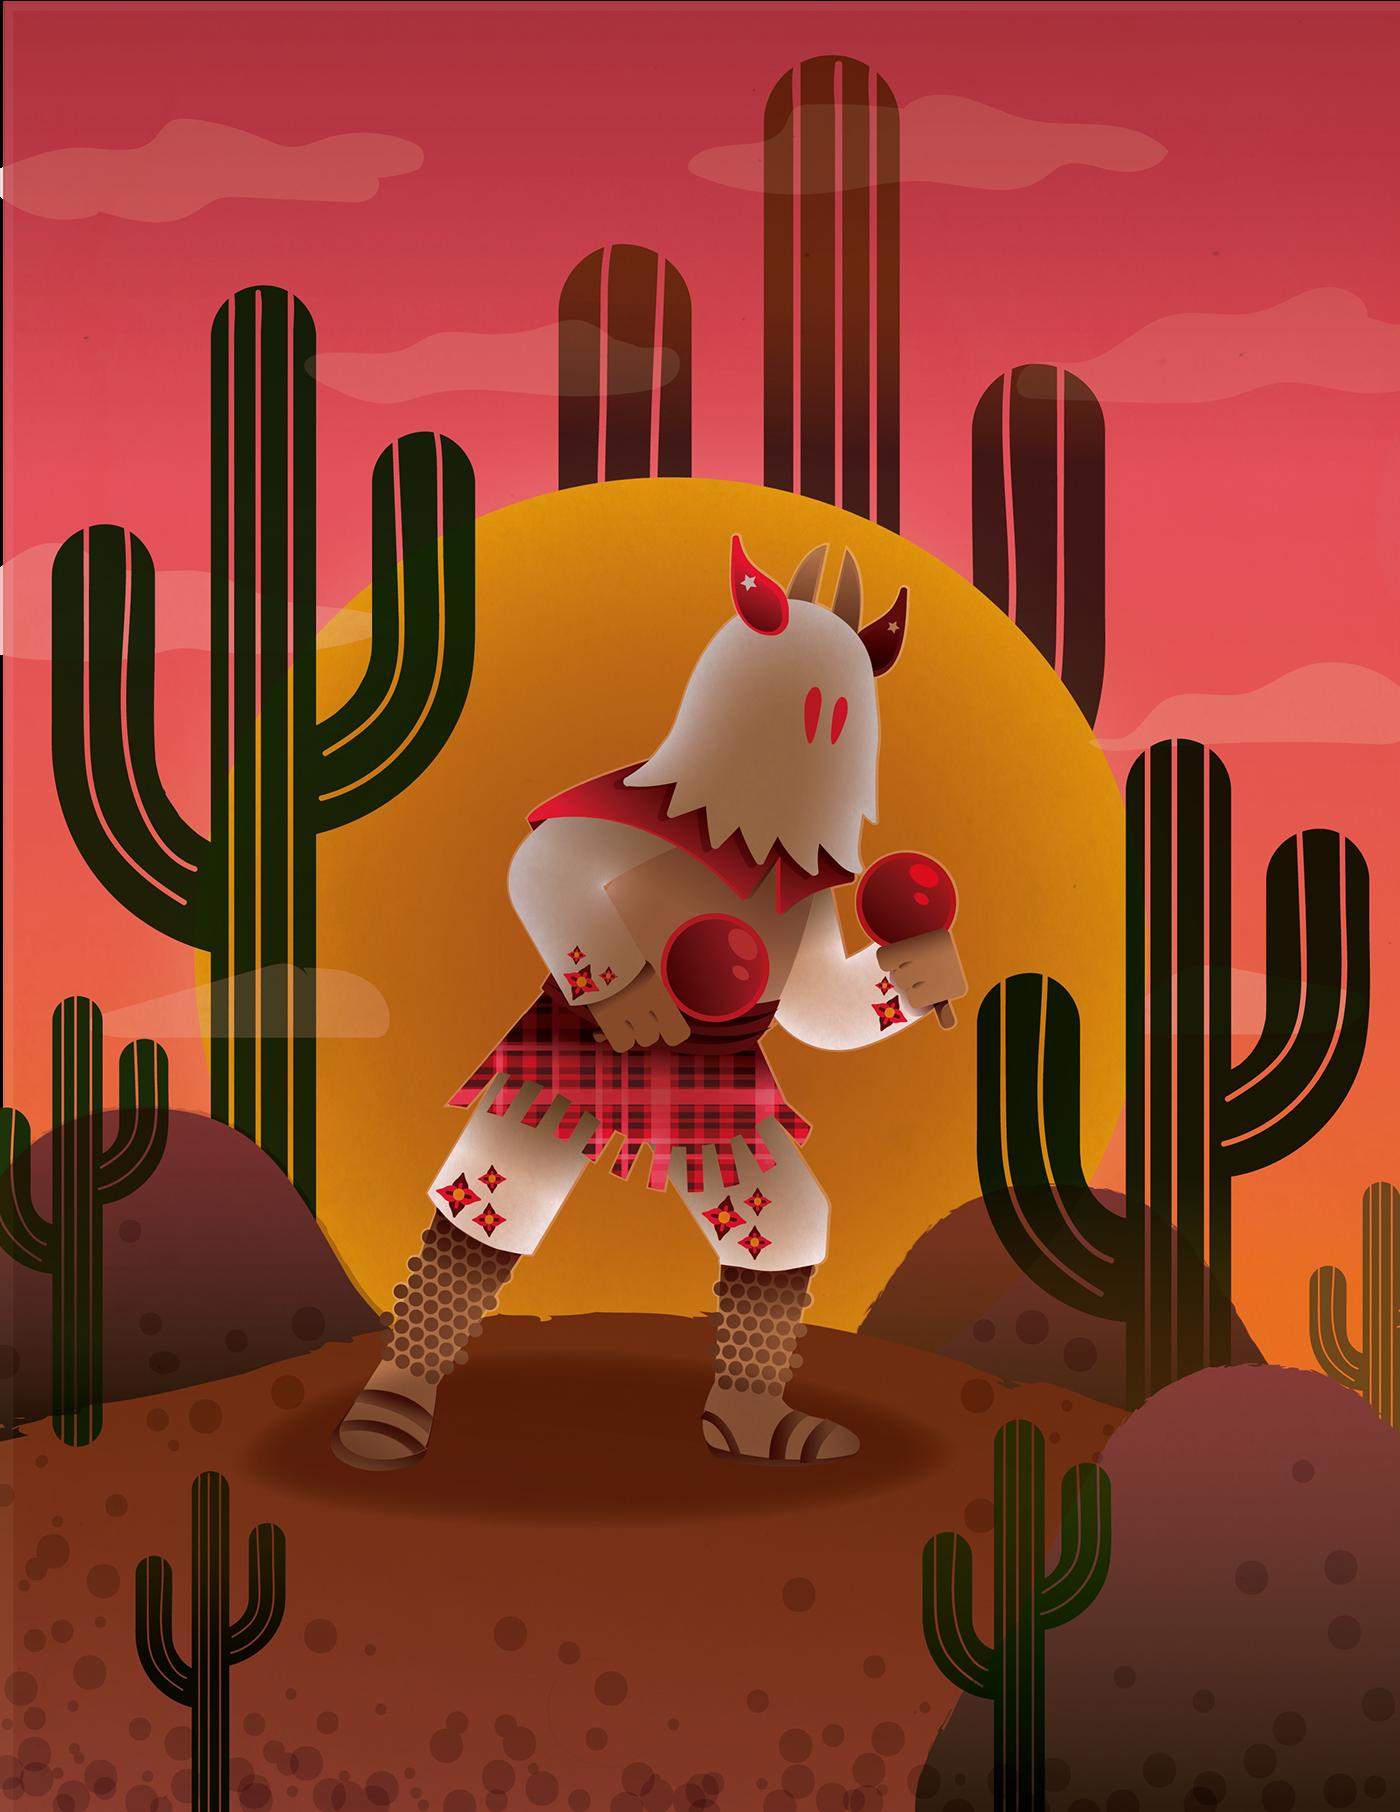 judío semana santa spring break tradición mexico Folklore tabachines Fariseo sinaloa